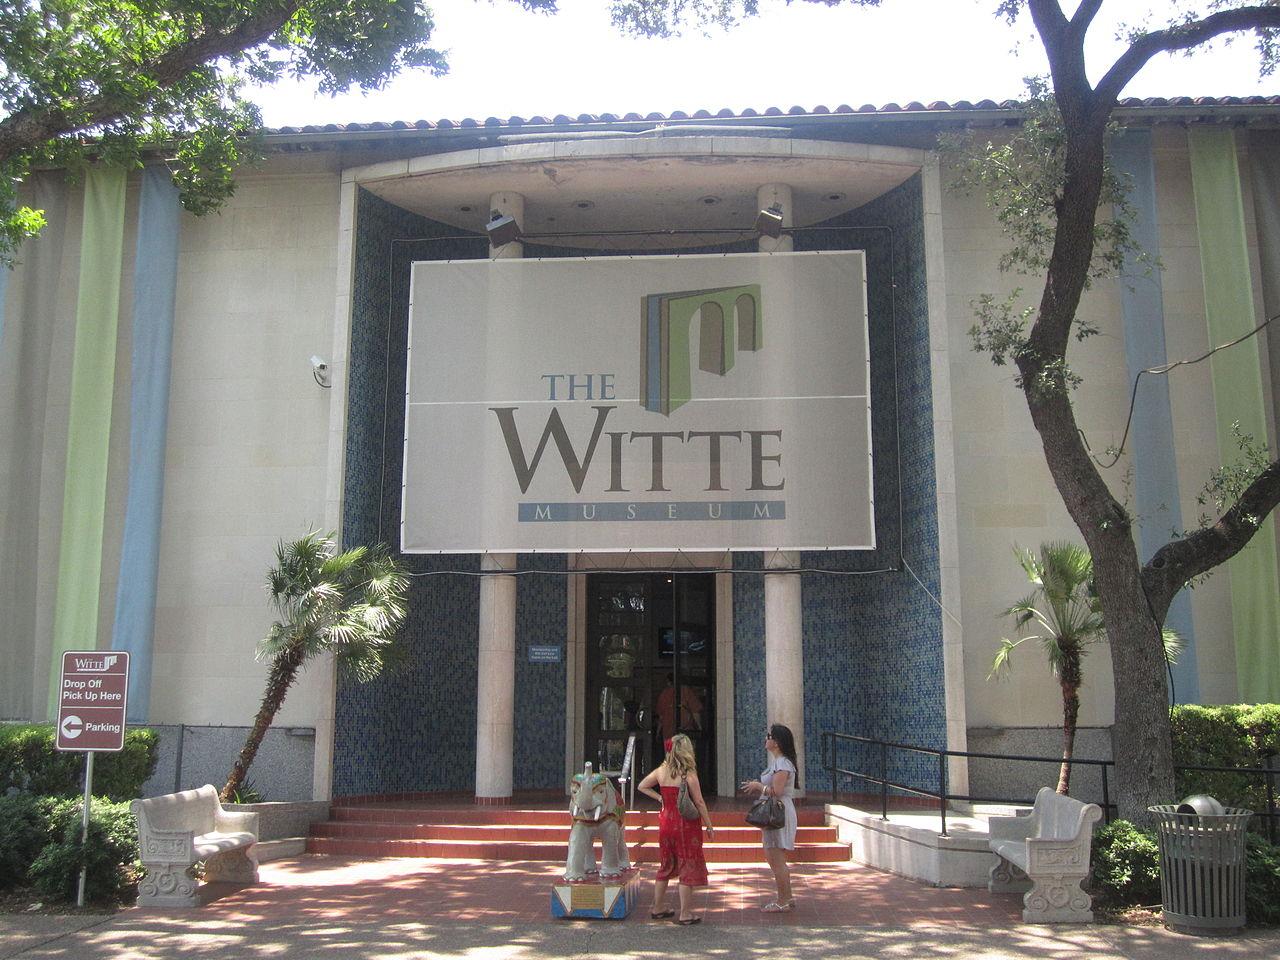 Amazing Museum in San Antonio-Witte Museum